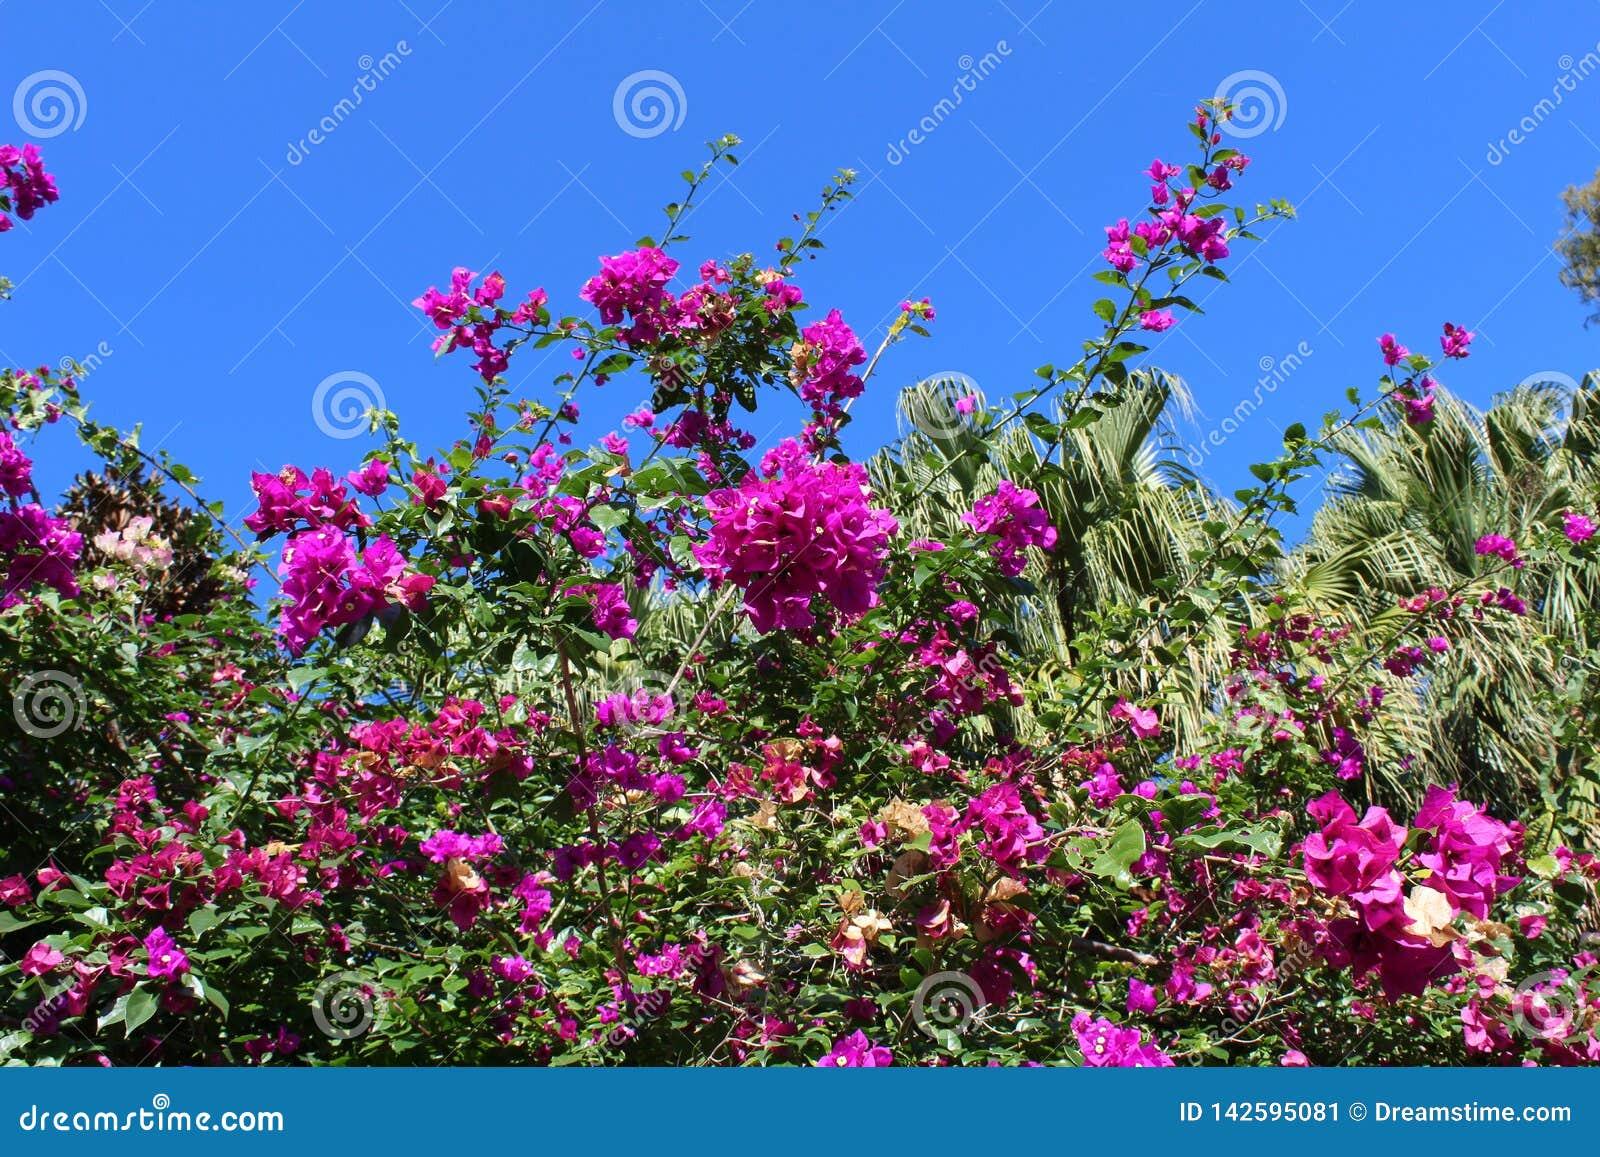 Flor púrpura en el cielo azul